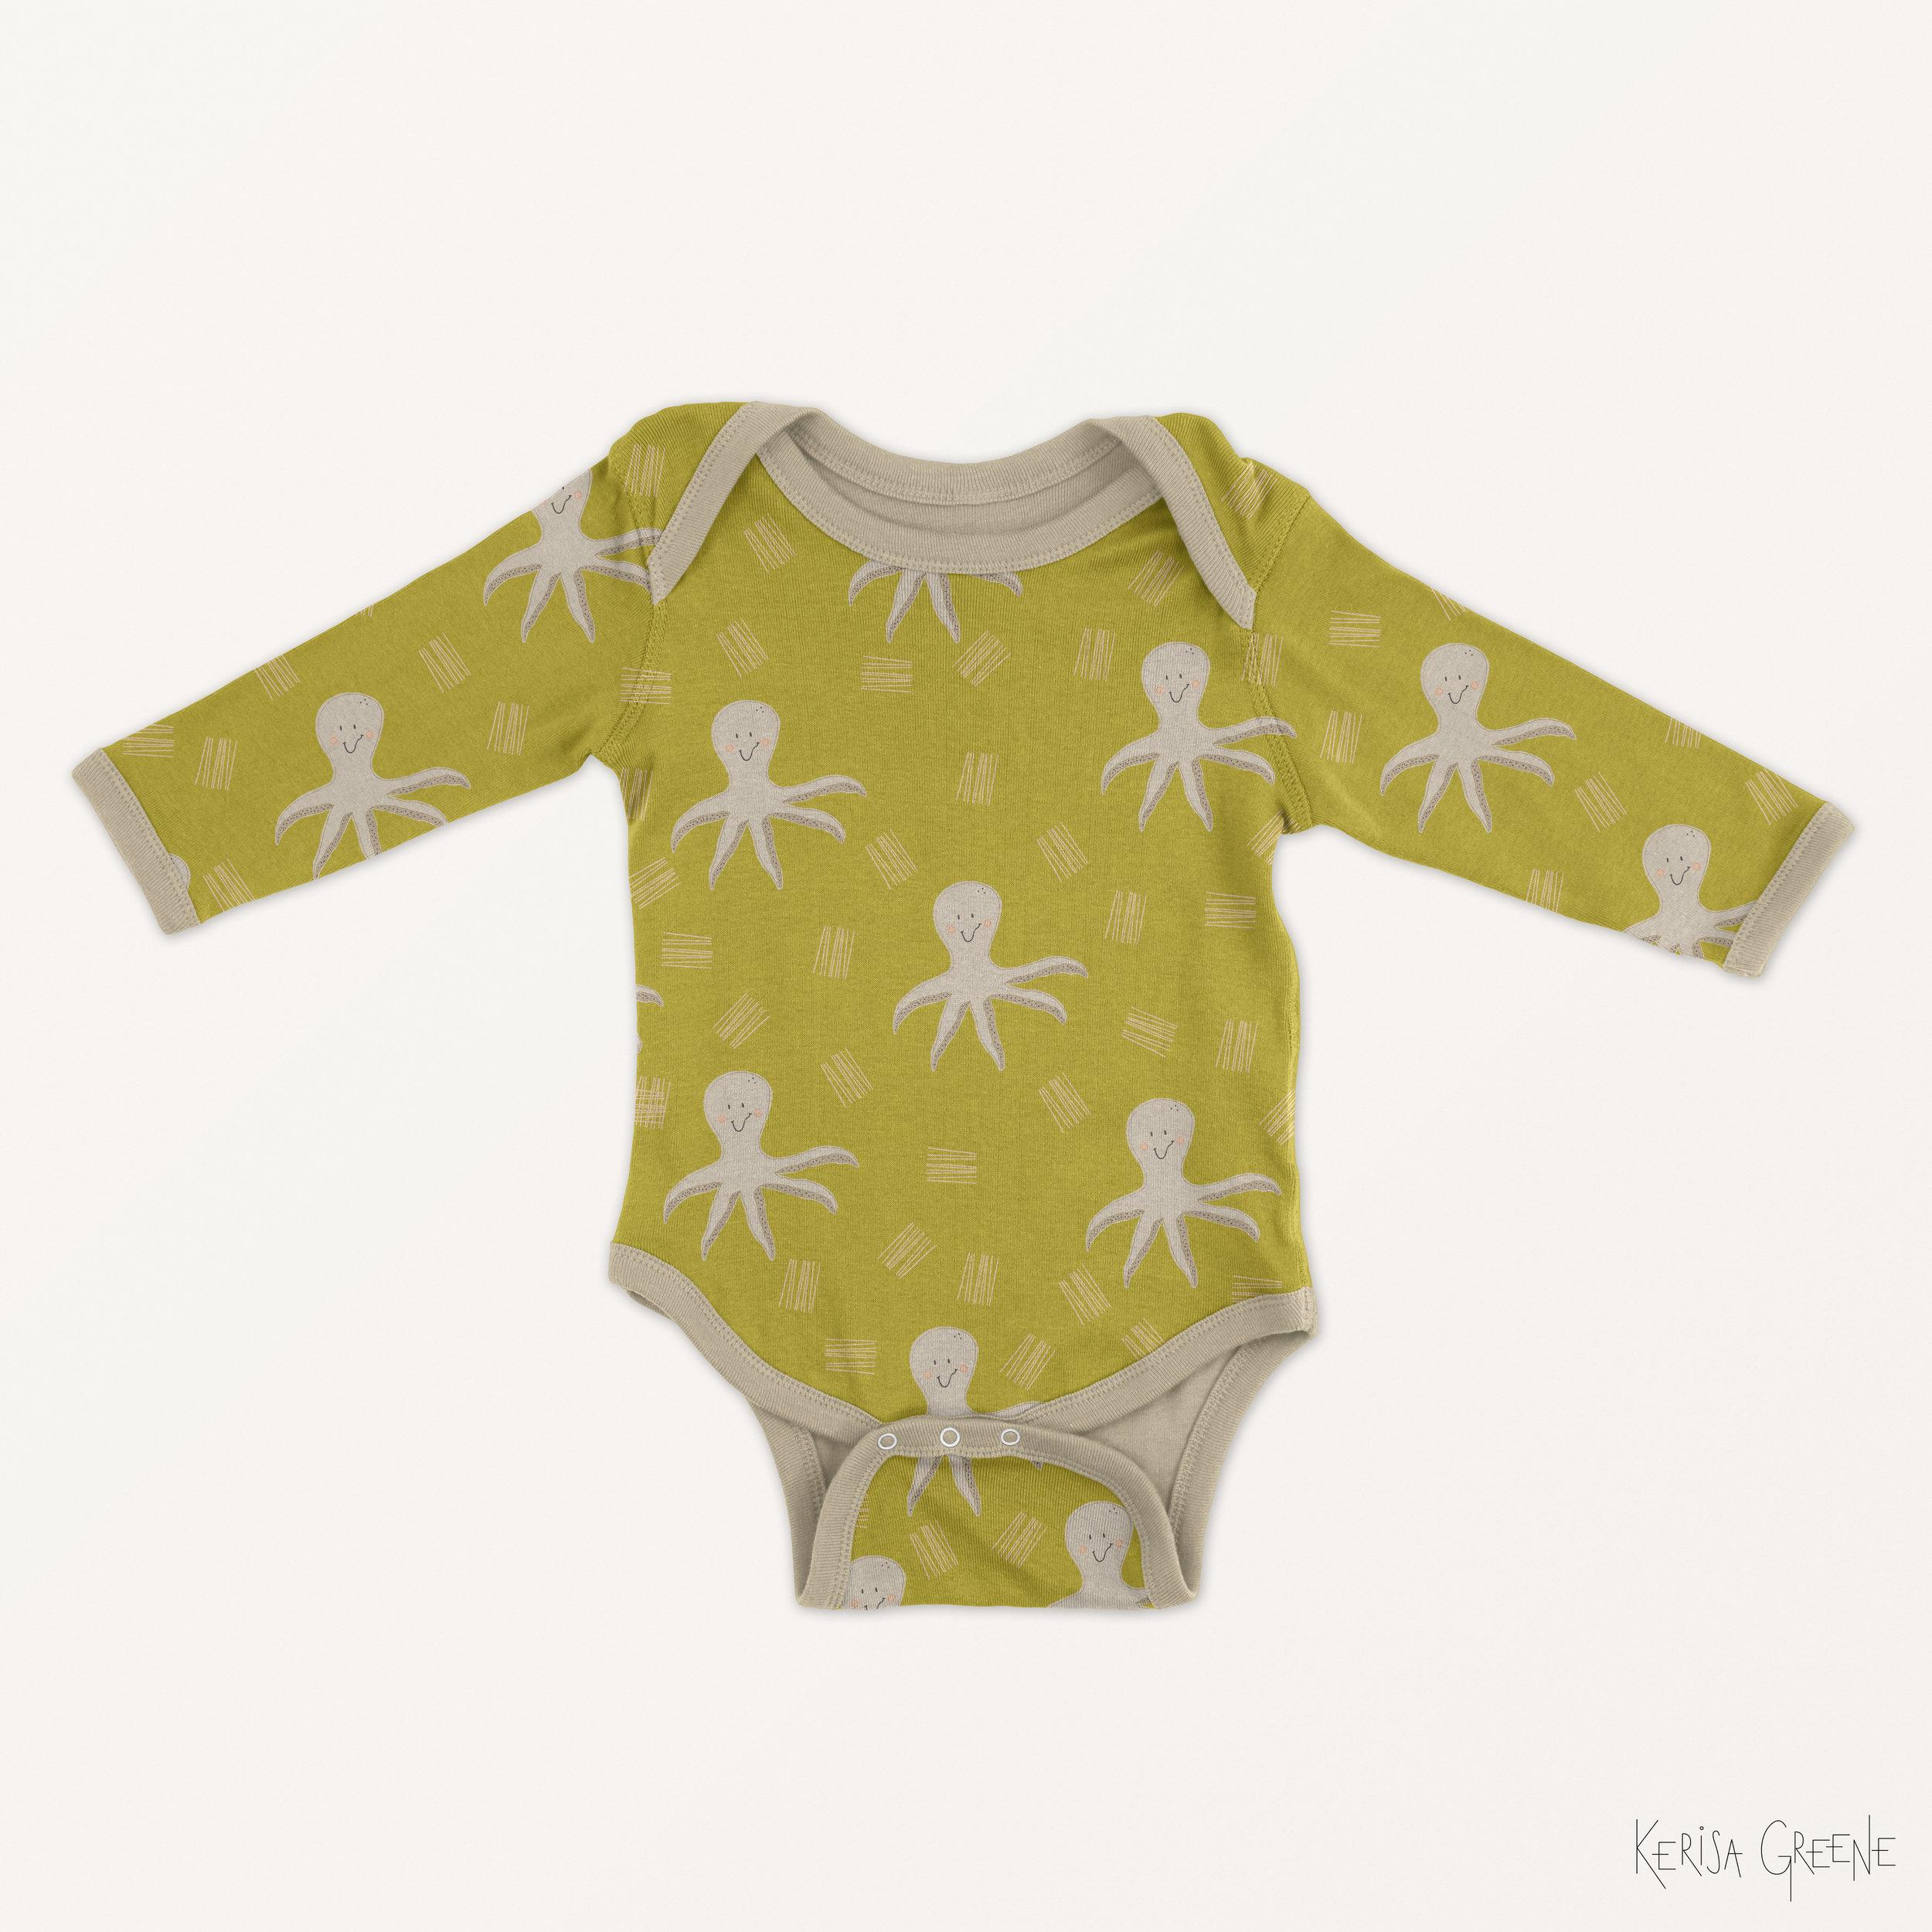 Kerisa Greene Octopus Surface Pattern Design Print Baby Kids